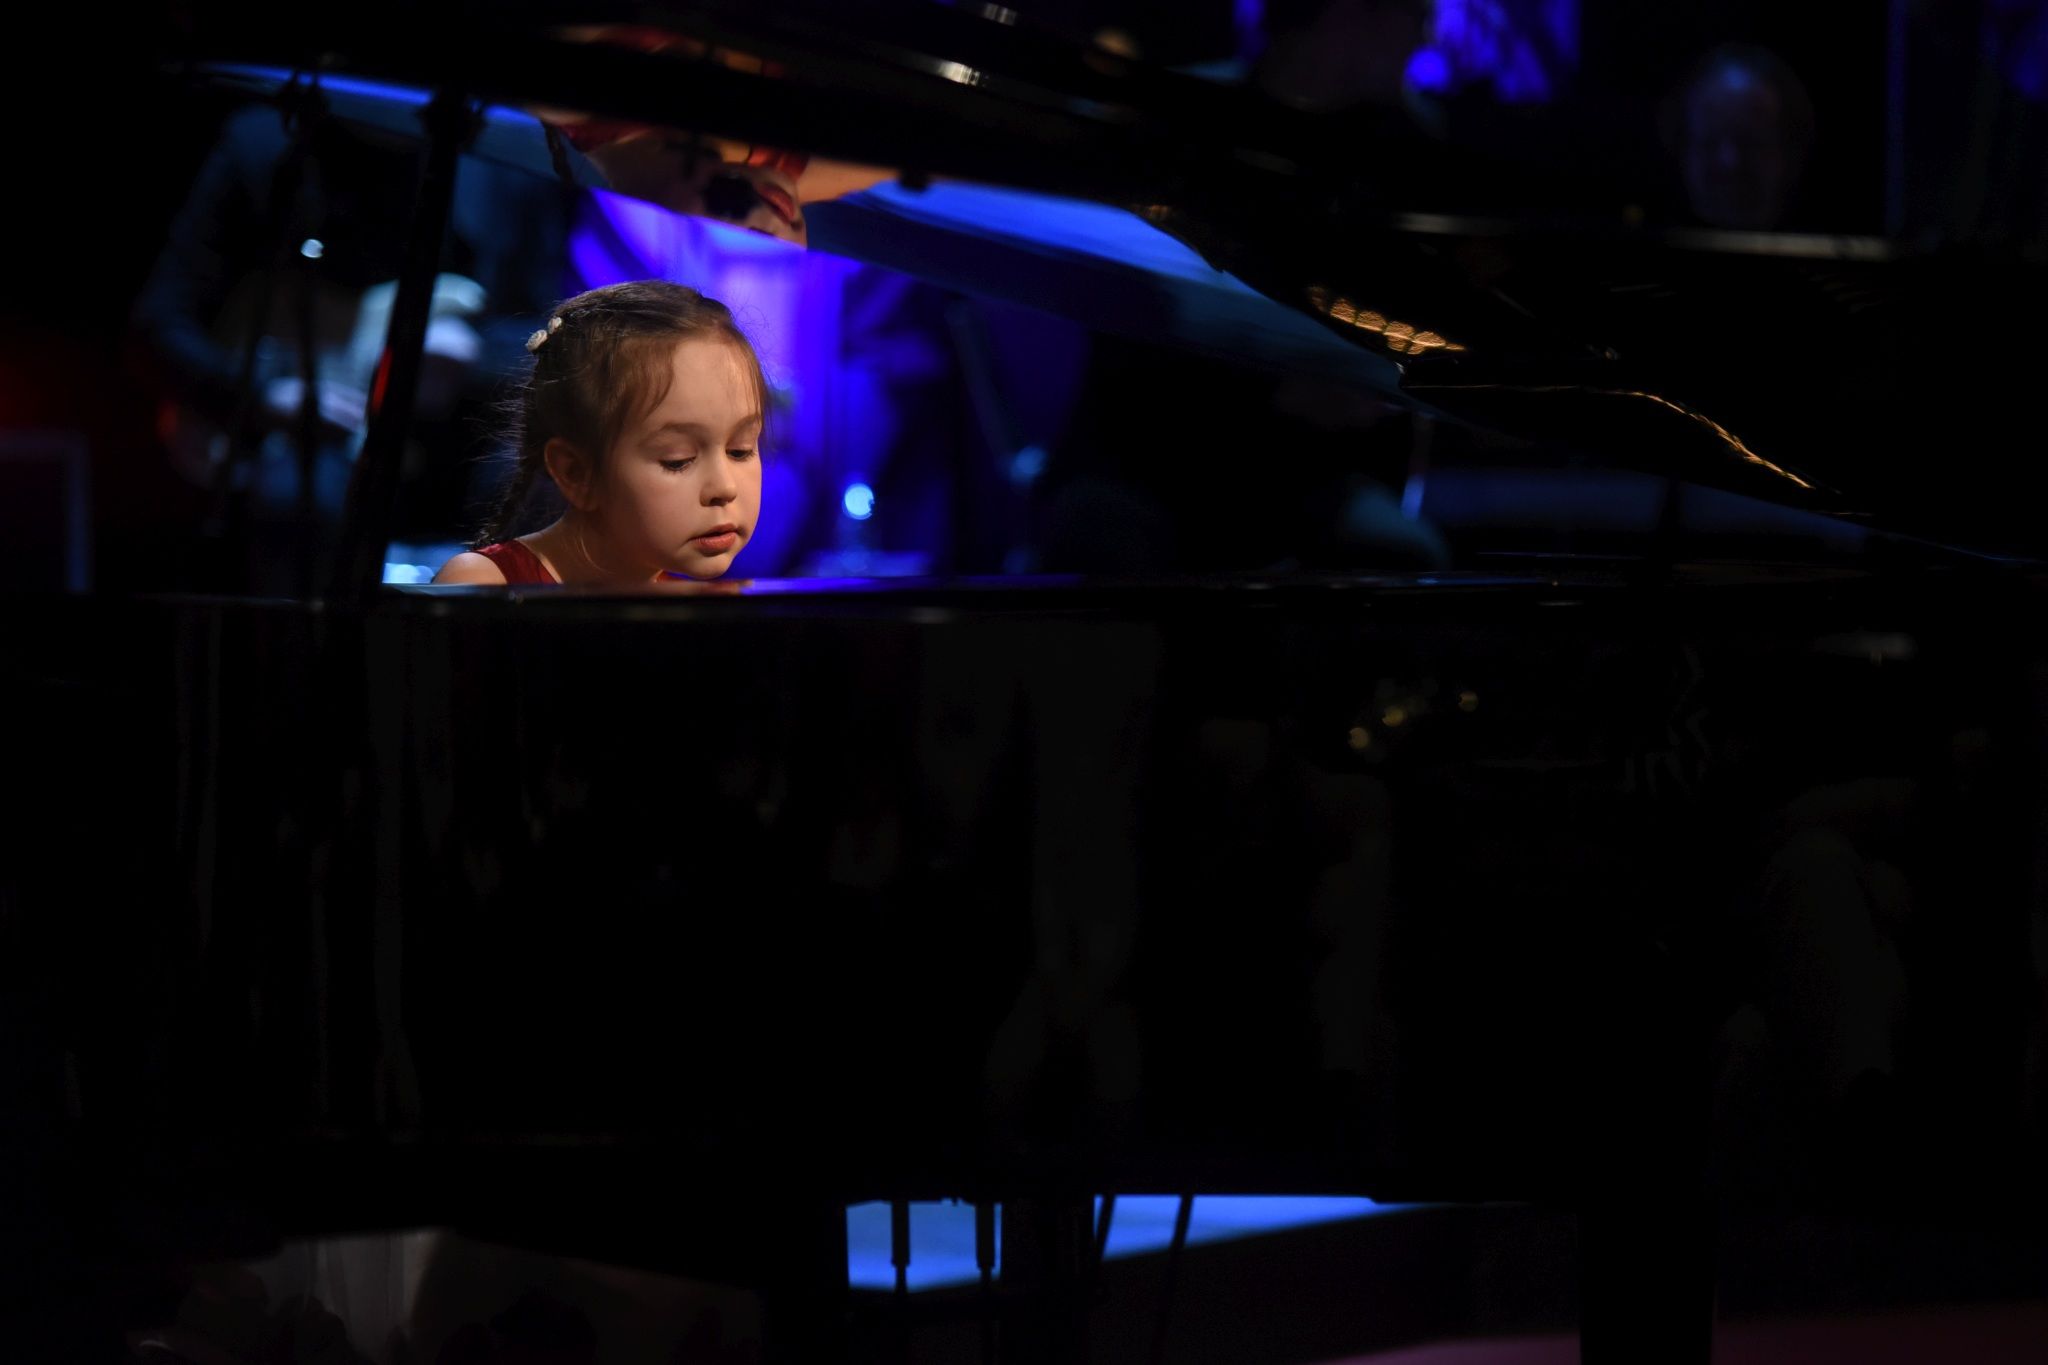 Malá talentovaná klavíristka Klára Gibišová v SJK 23. 1. 2019